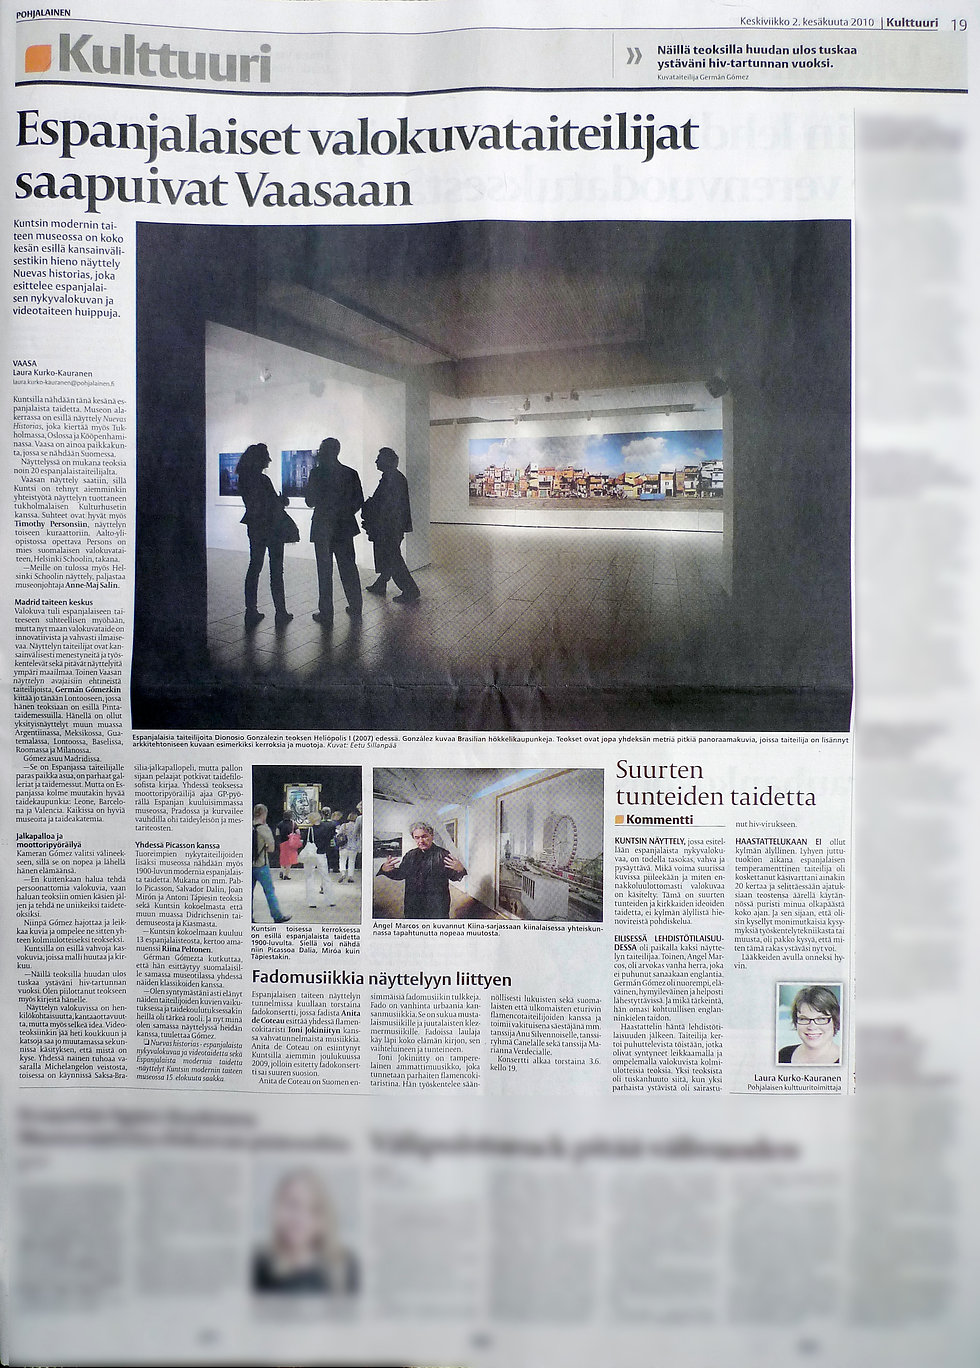 2010_06 Vaasa pohjalainen2 desenf.JPG